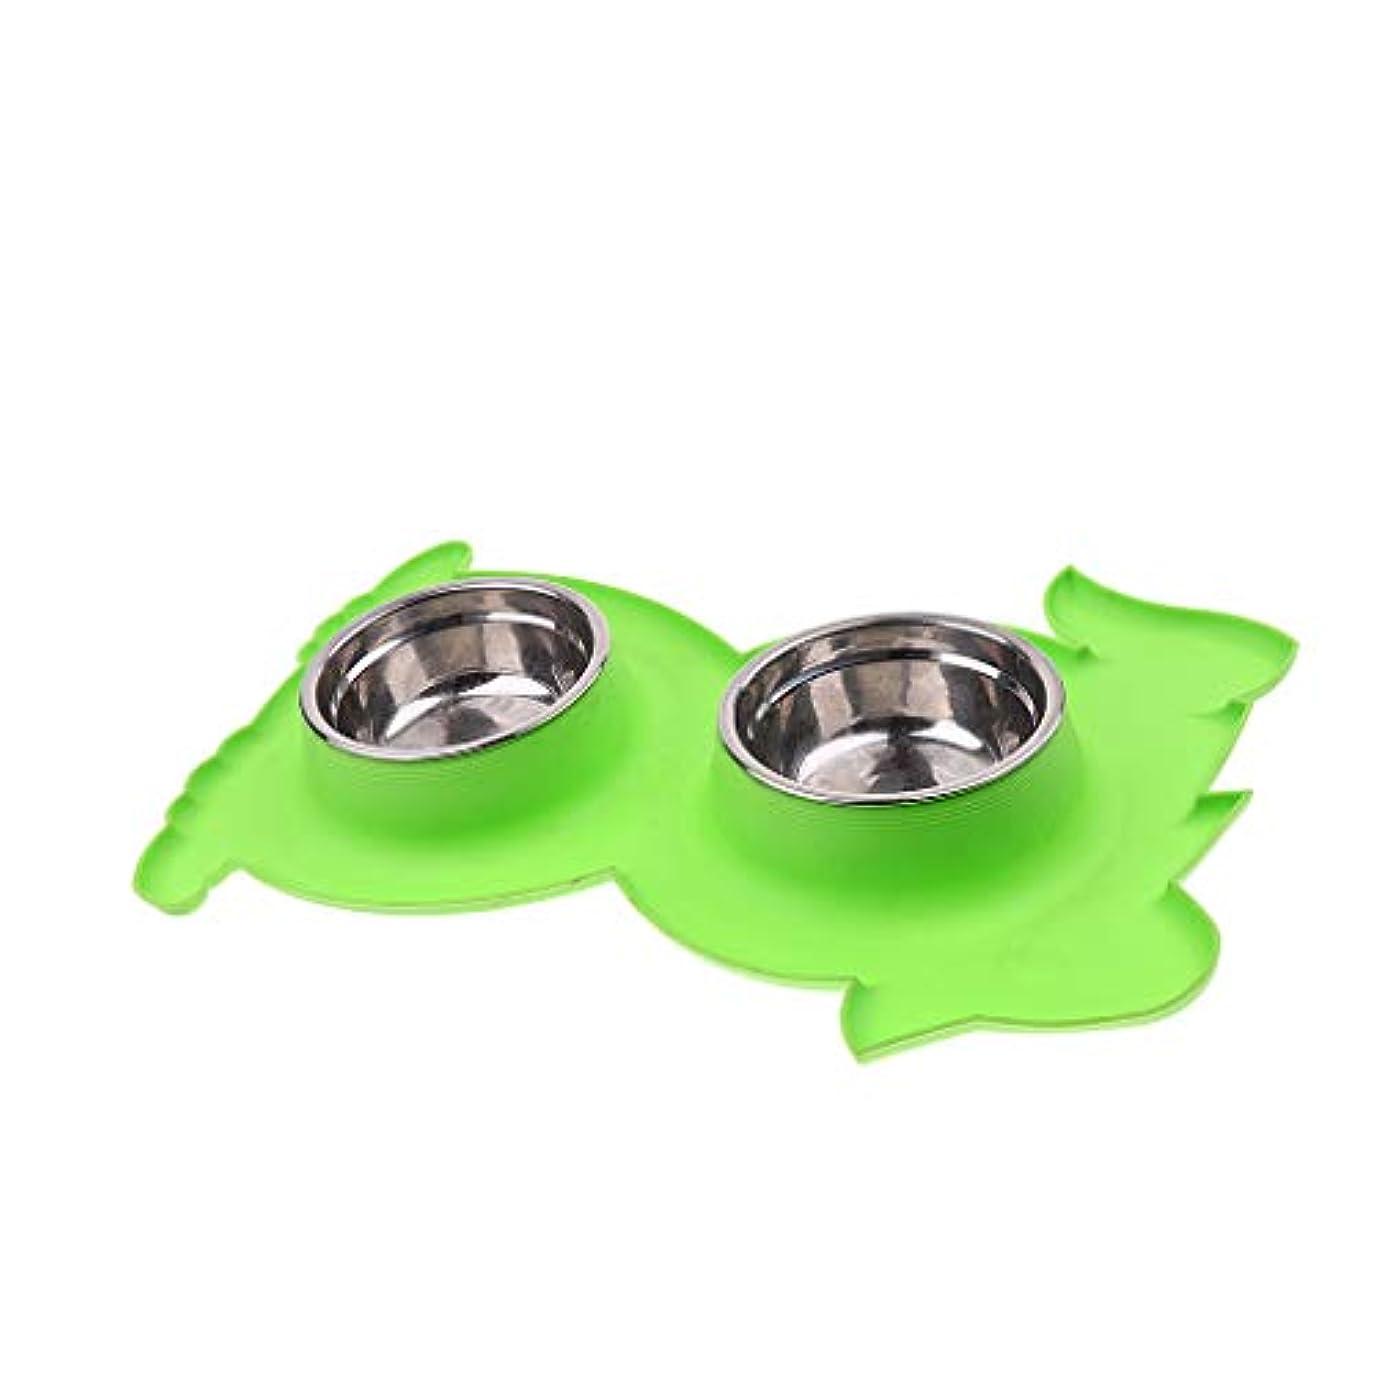 郵便番号定期的にこんにちはPerfeclan 犬 猫 食品 給水 装置 ボウル 滑り止め 持ち運び便利 3色選べる - 緑